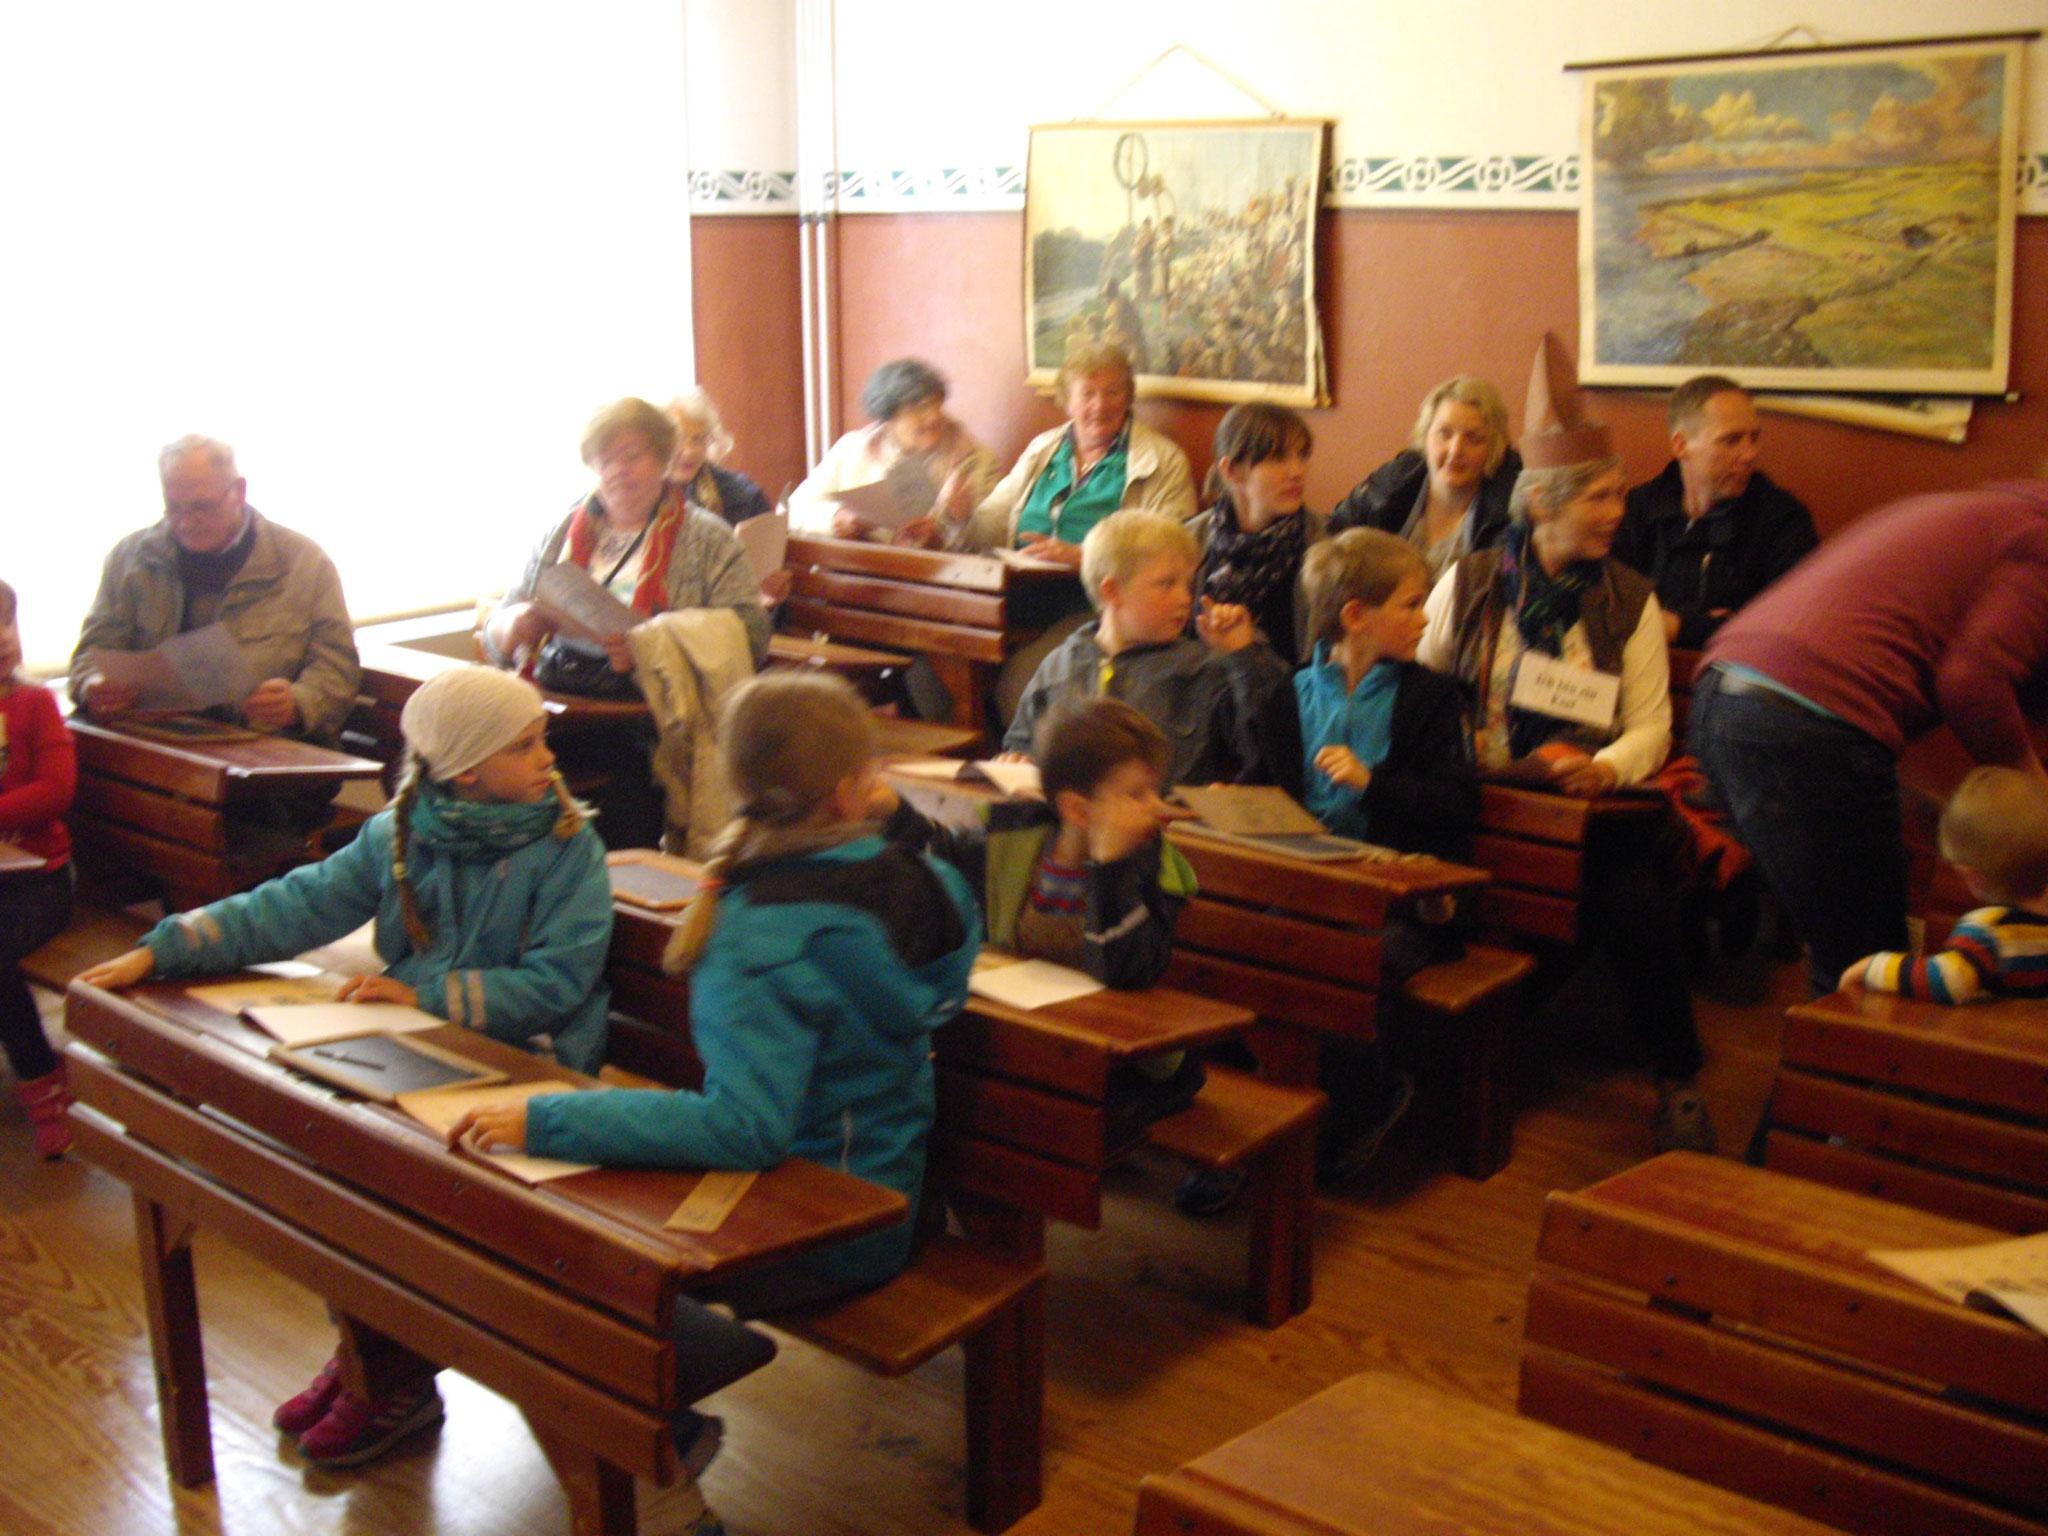 alter Klassenraum im Landesmuseum Dithmarschen